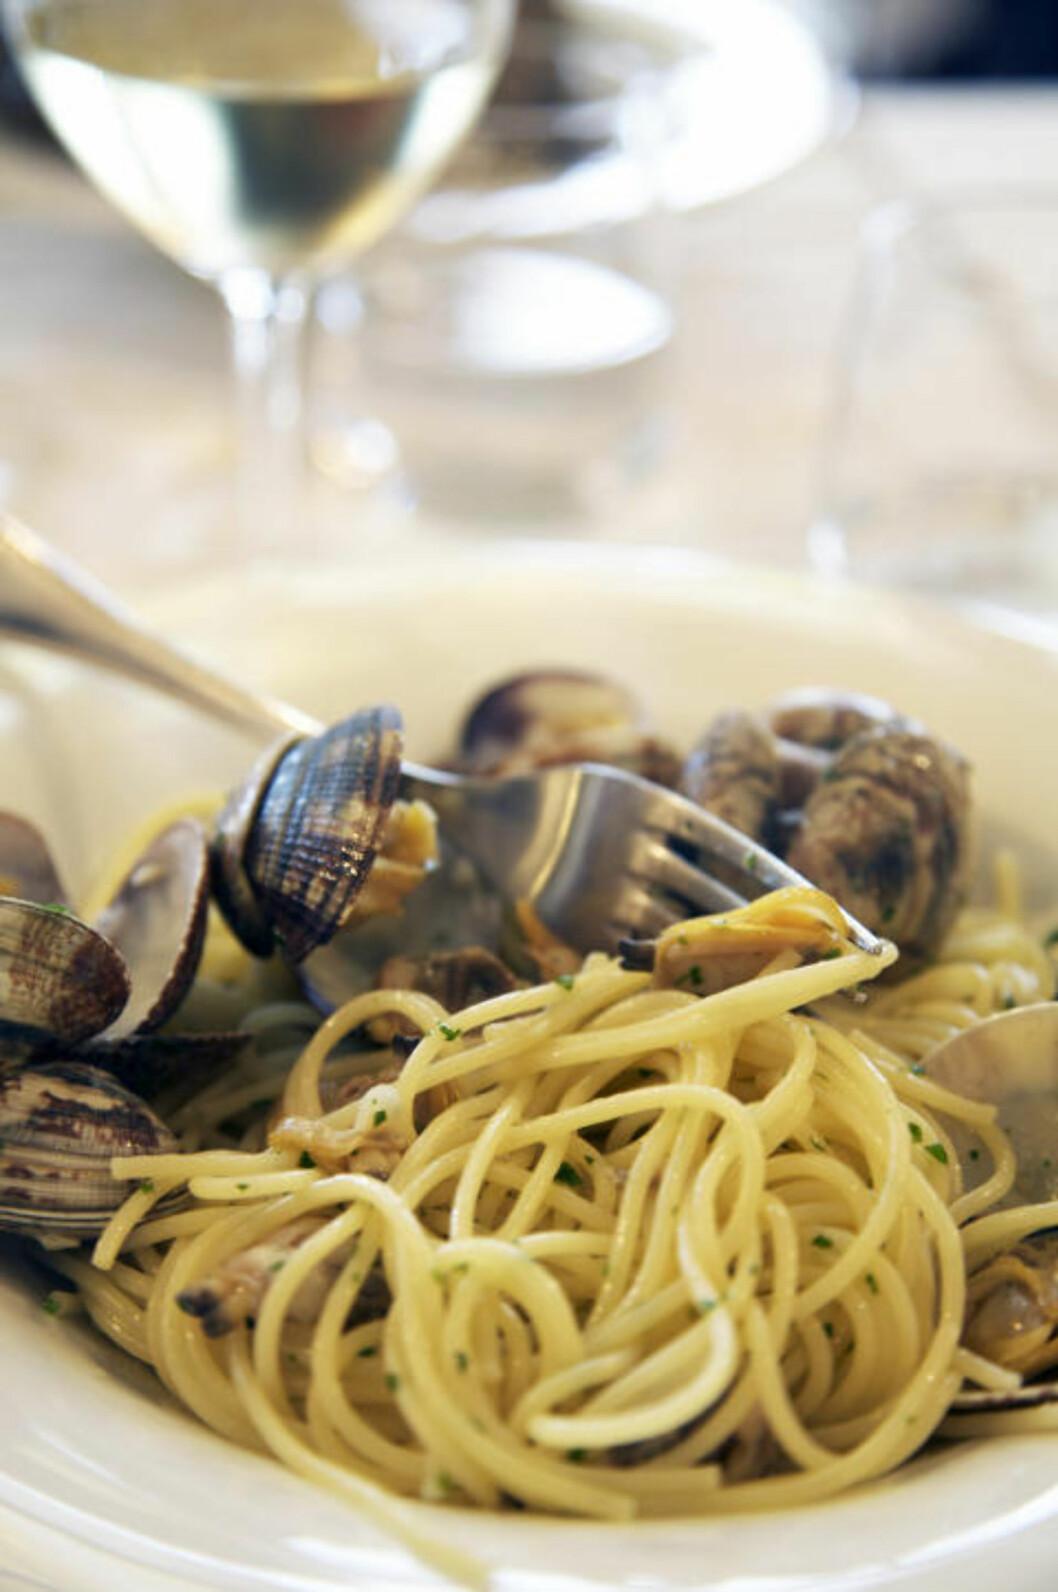 SPAGHETTI CON VONGOLE: Sjømat er populært i Imperia. En favoritt er pasta med skjell, kokt i hvitvin, olje og urter. Foto: LISE BJELLAND